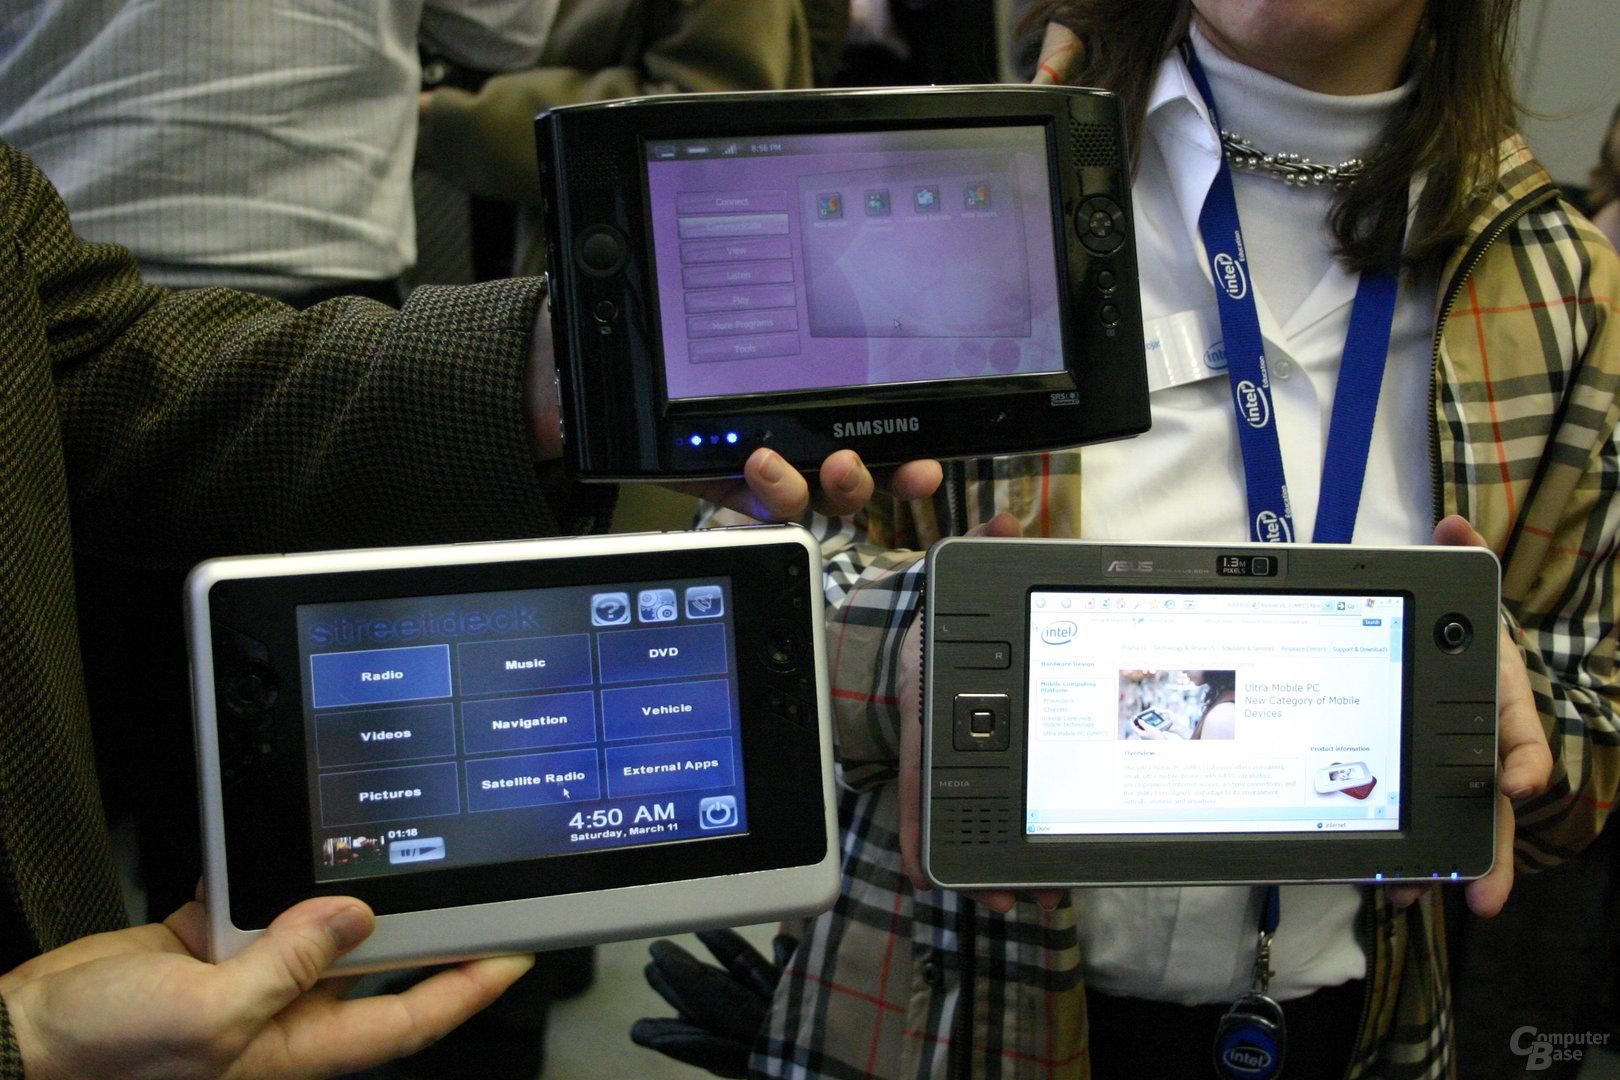 Samsungs UMPC Q1